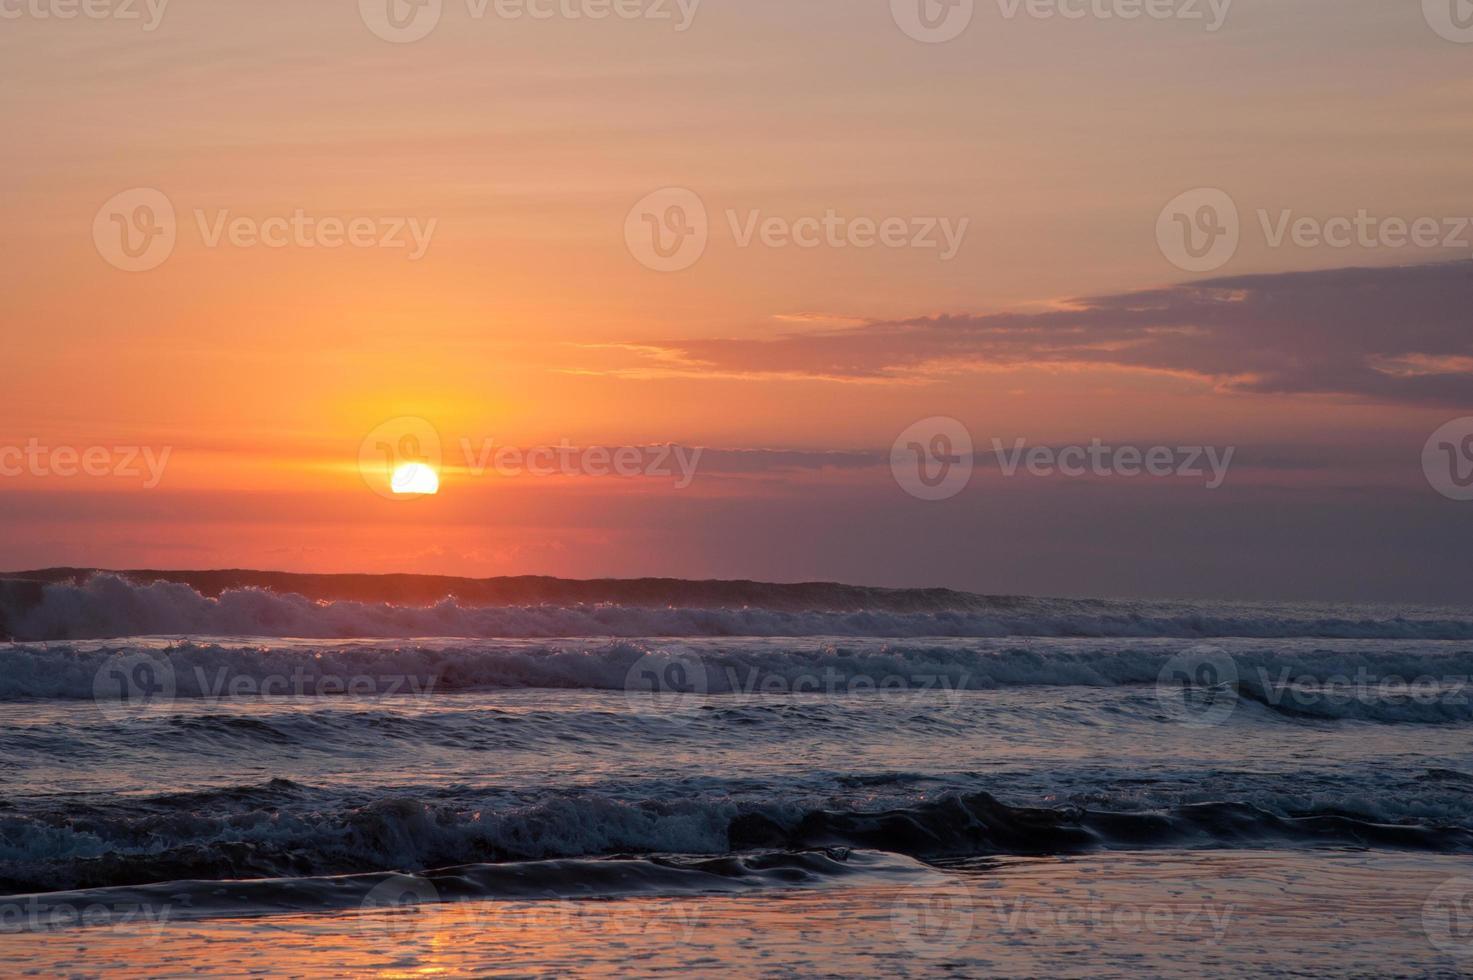 belle onde al tramonto arancione foto